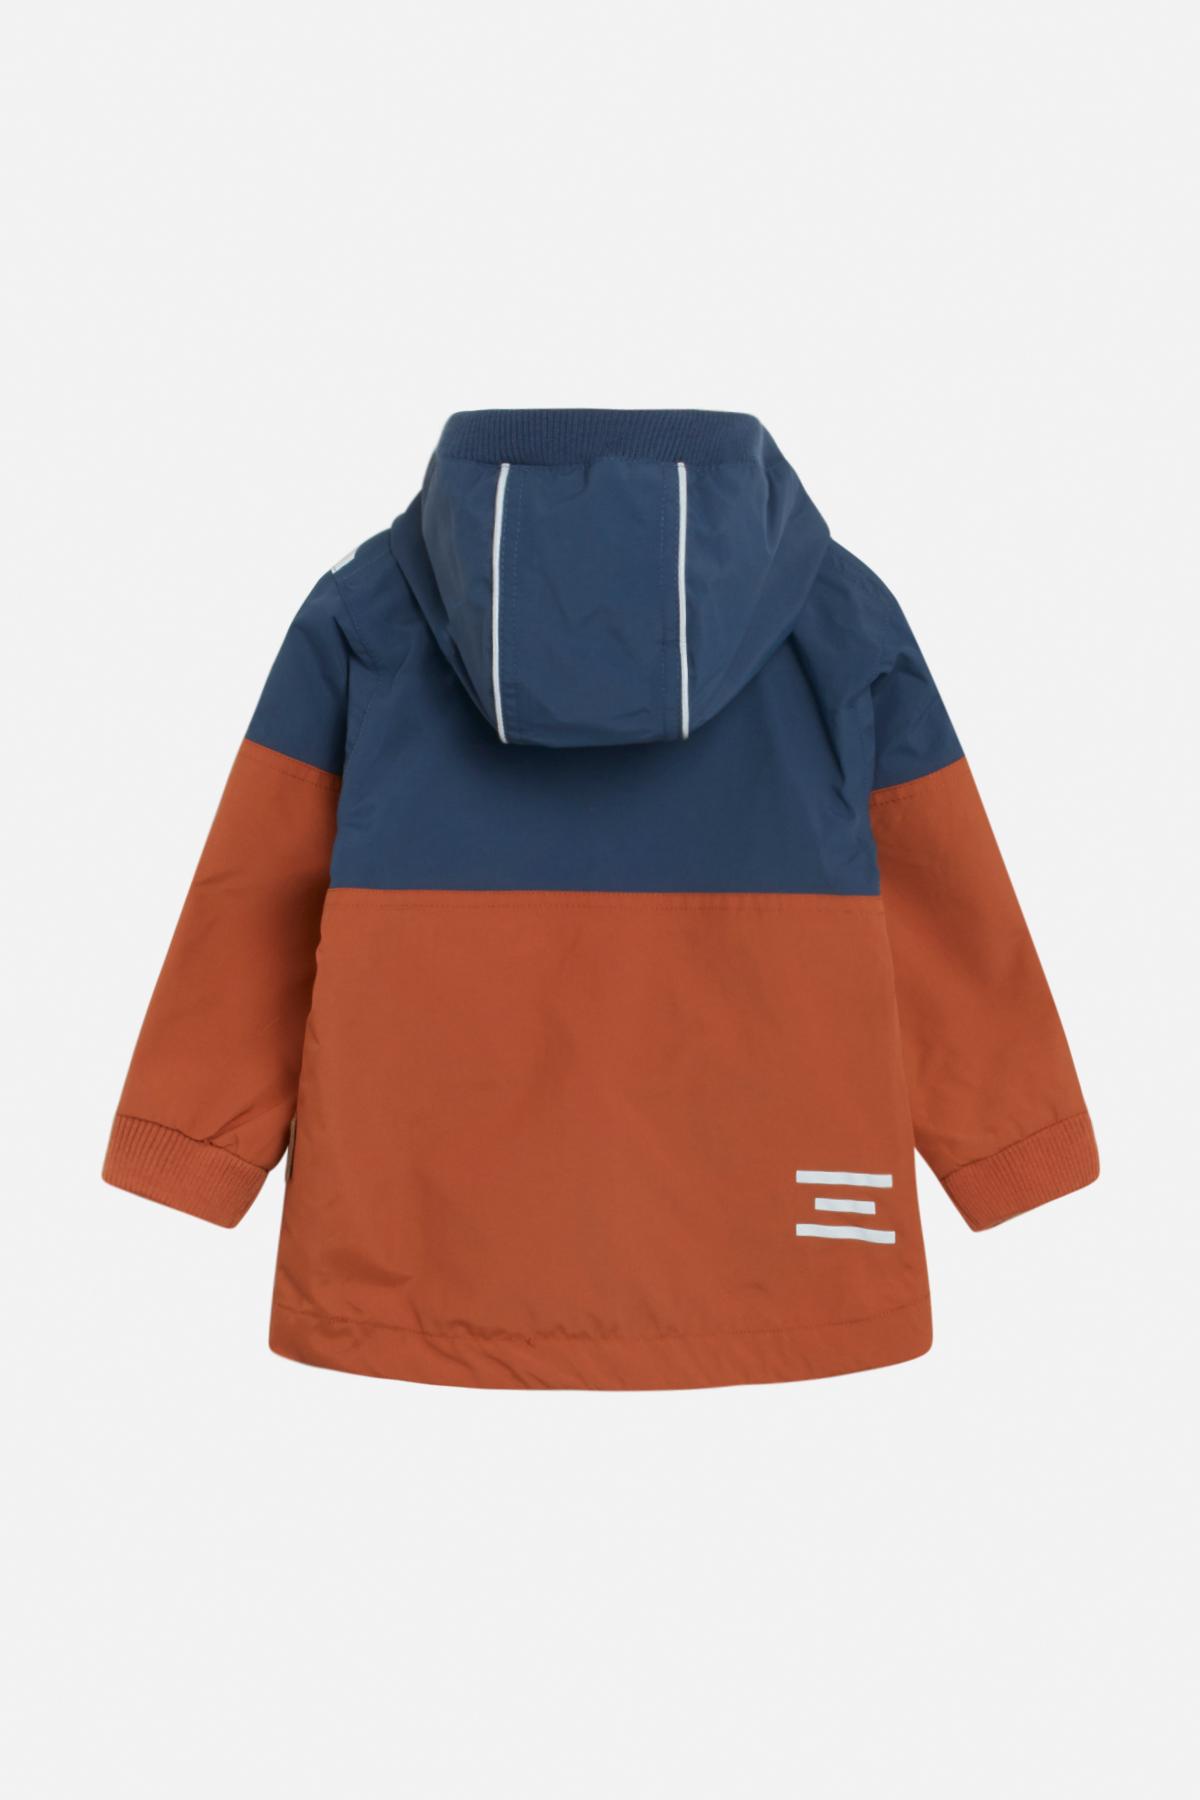 Uni - Oskar - Jacket